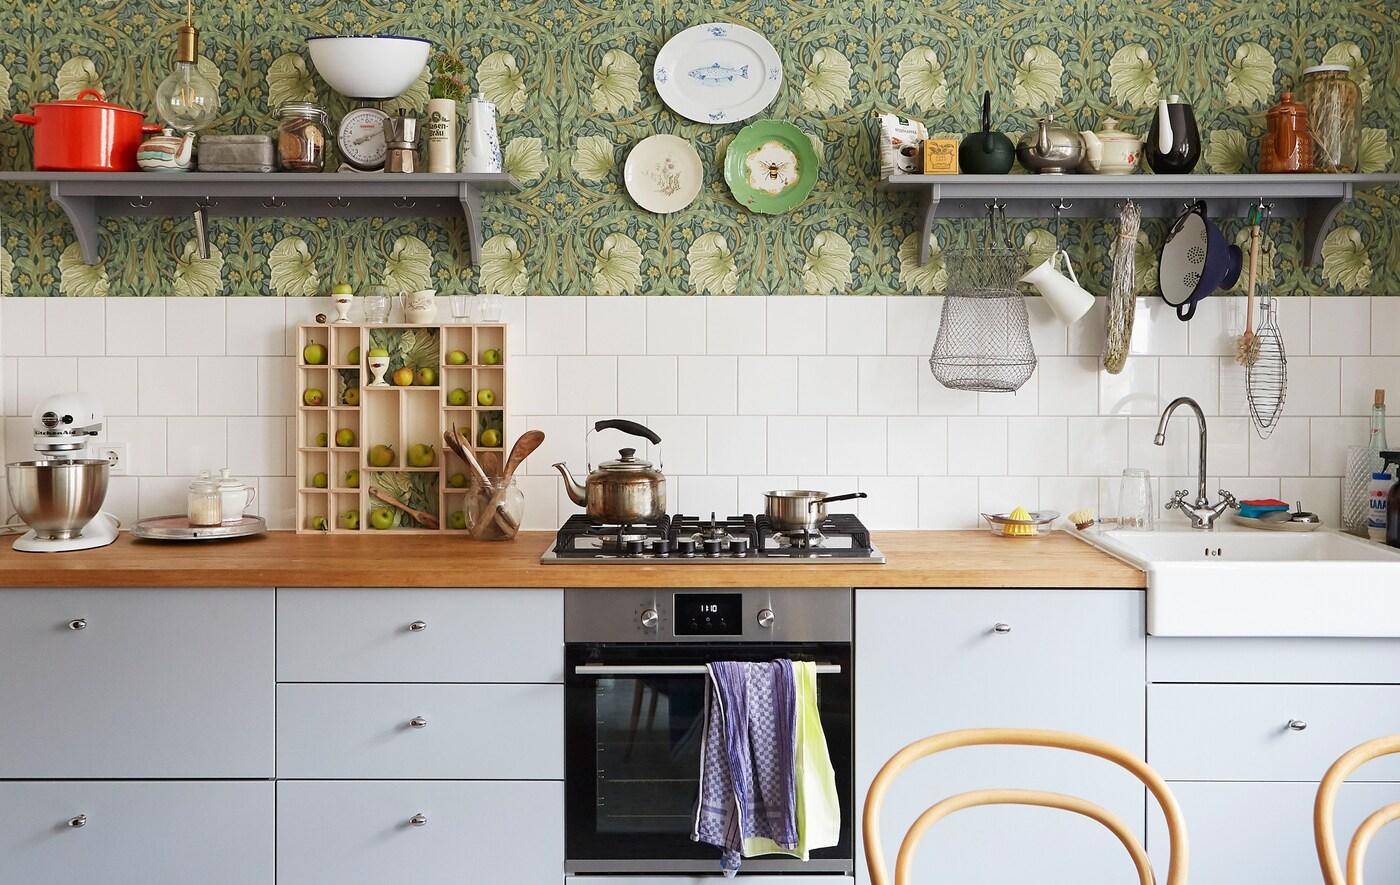 Kuhinja sa sivim ormarićima i ugradnim šporetom, drvenim radnim pločama i policama na tapetama s cvetnom šarom.